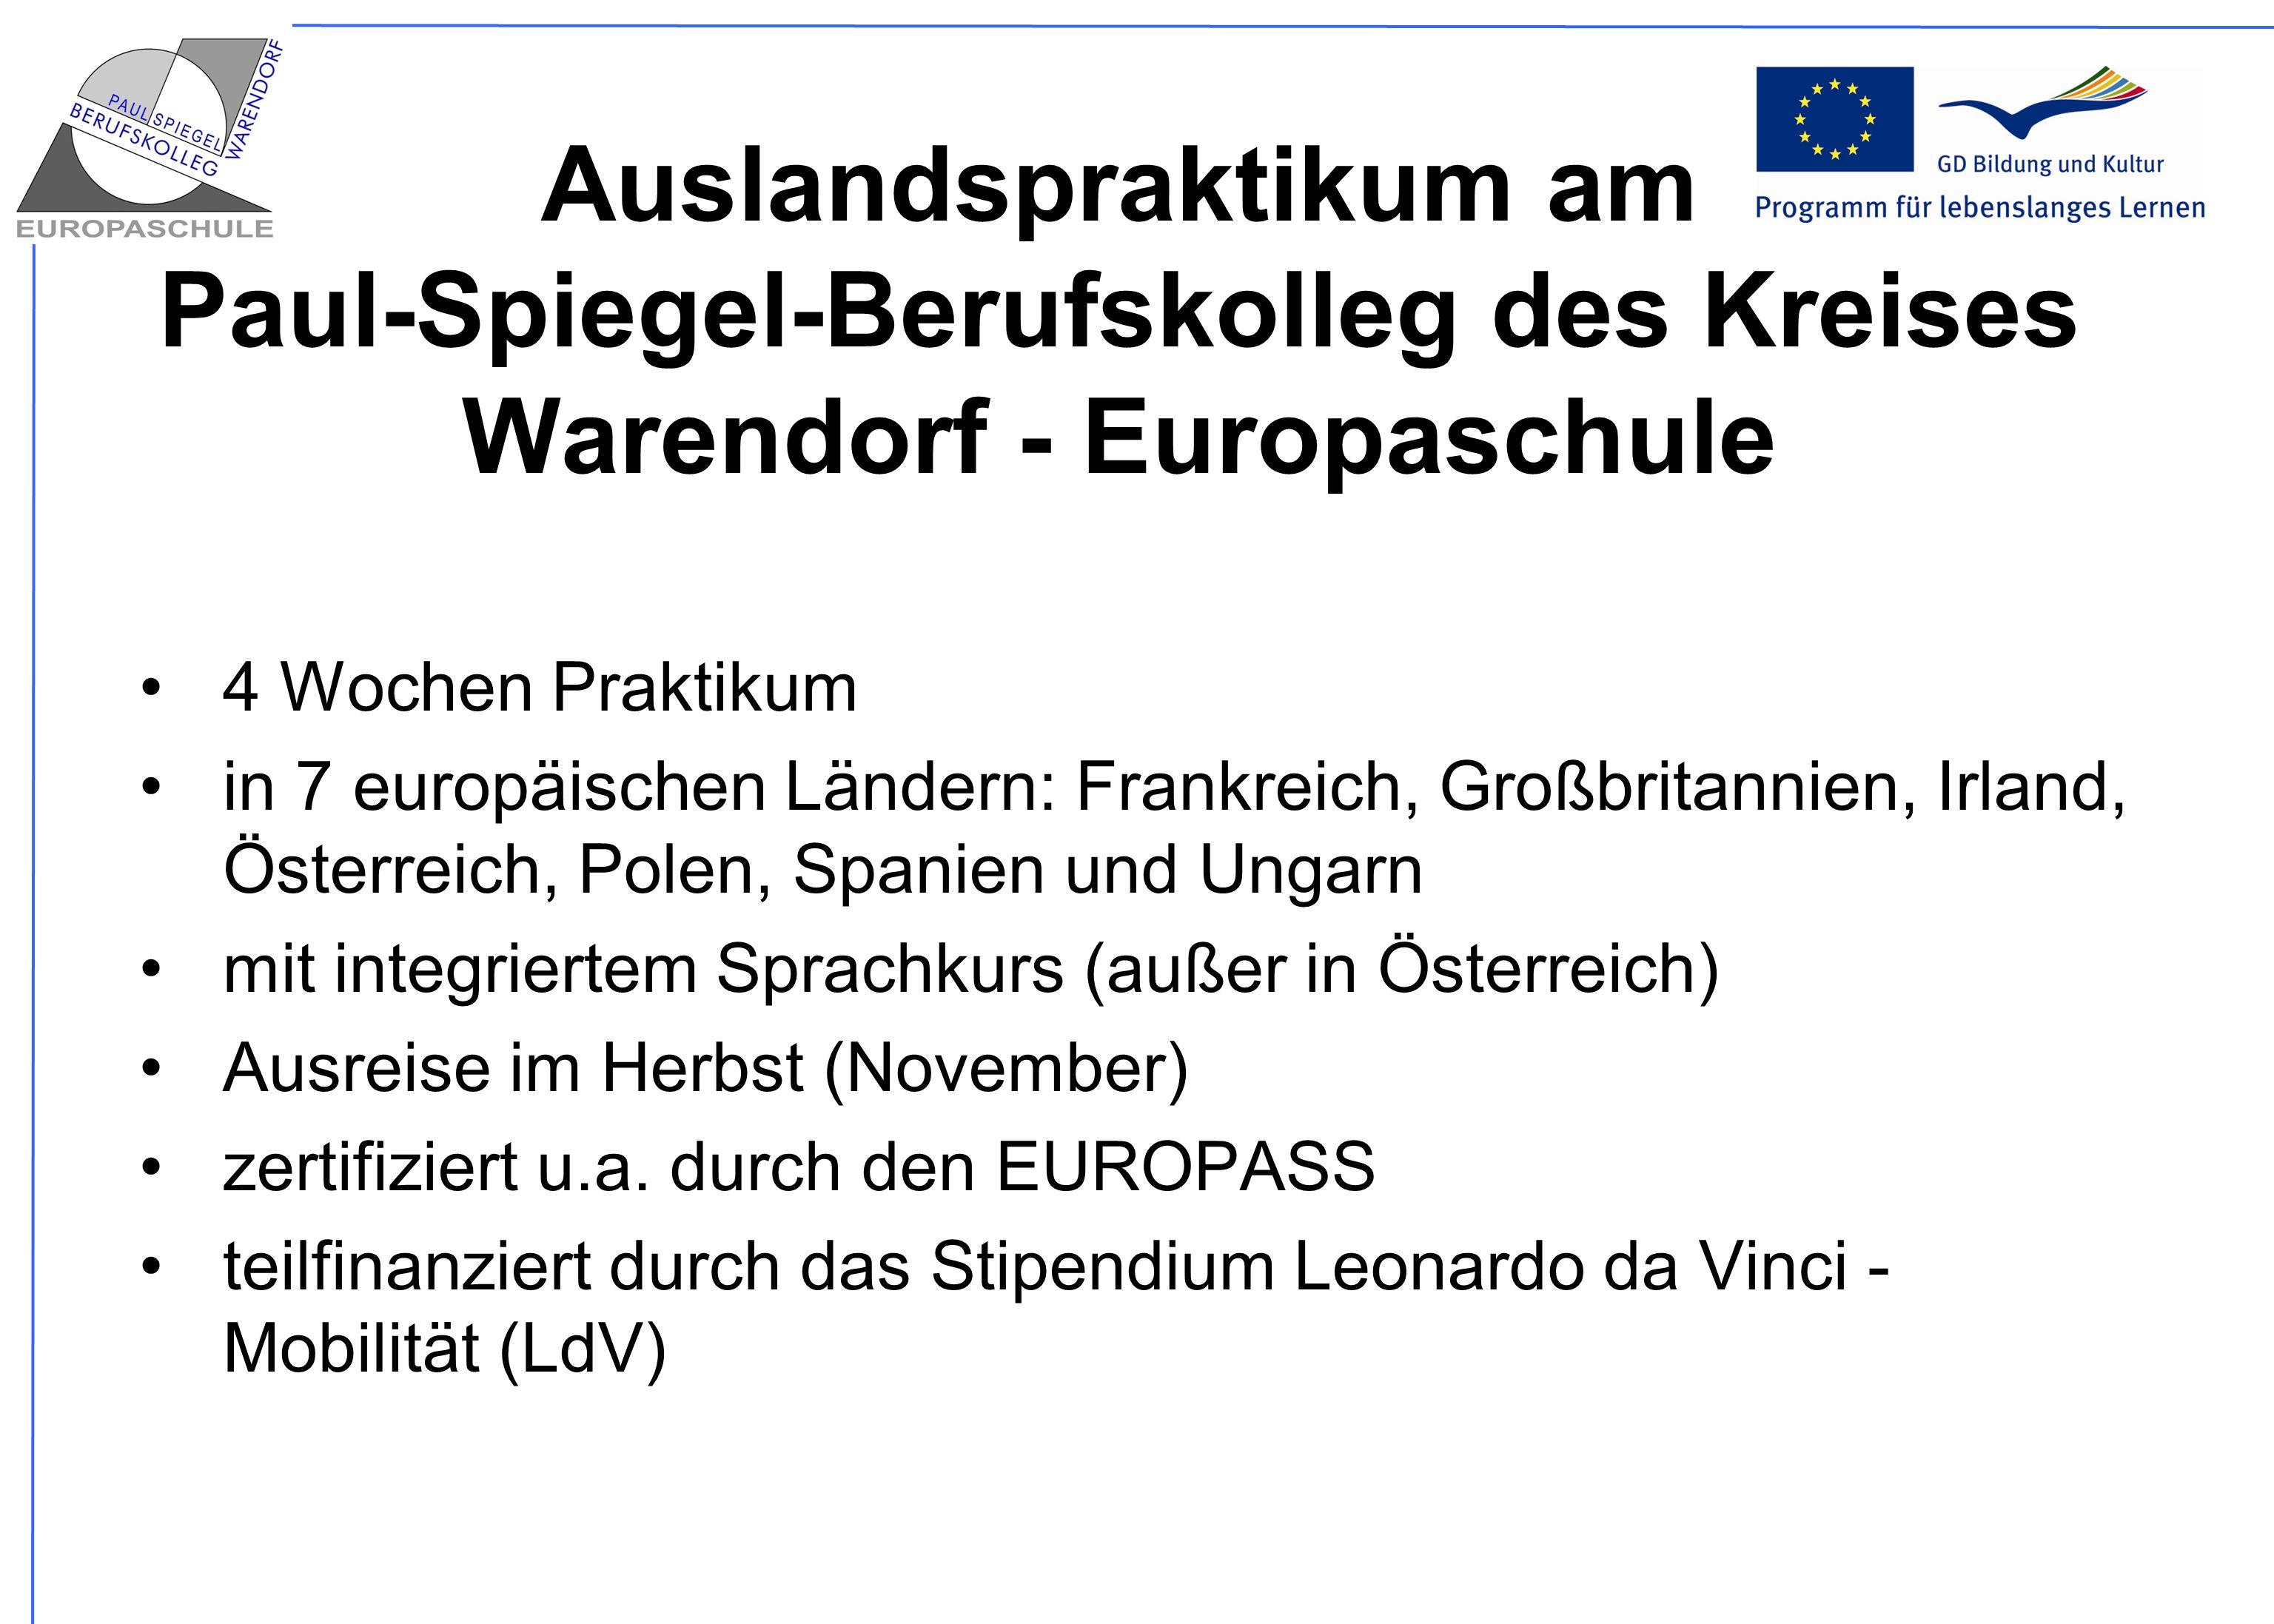 Auslandspraktikum am Paul-Spiegel-Berufskolleg des Kreises Warendorf - Europaschule 4 Wochen Praktikum in 7 europäischen Ländern: Frankreich, Großbrit